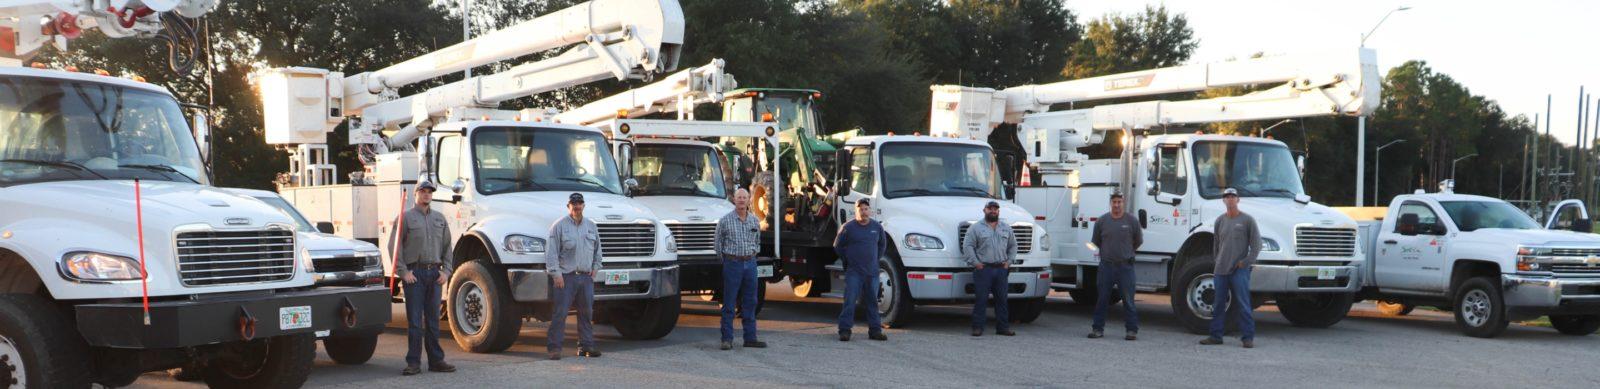 linemen standing in front of bucket trucks